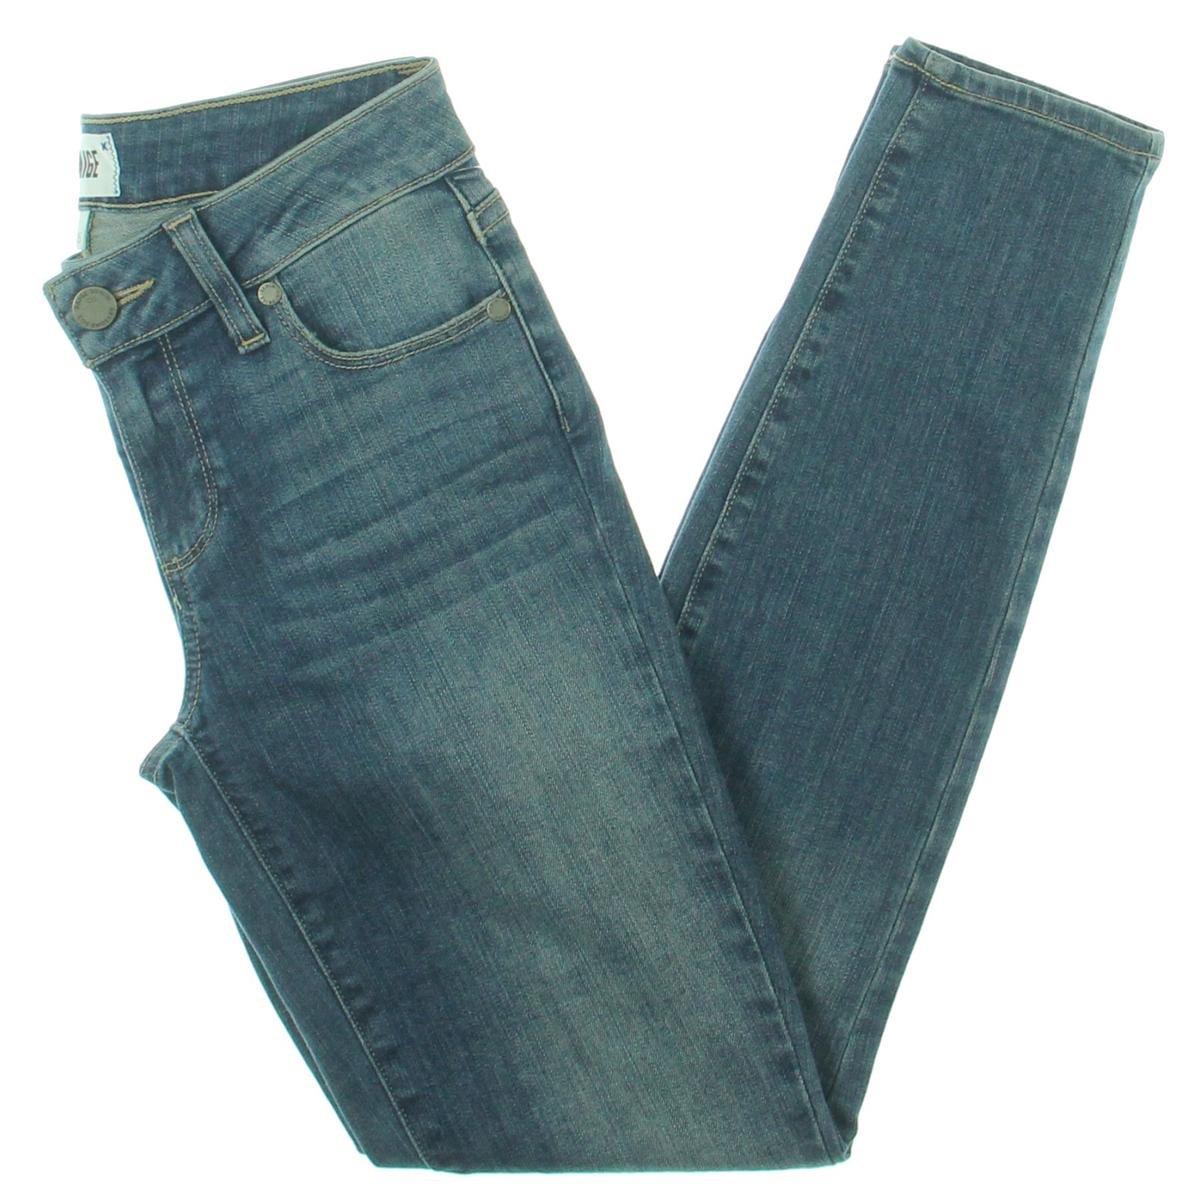 PAIGE Denim Women's Verdugo Ankle Jeans In Vivian Destructed (Blue)